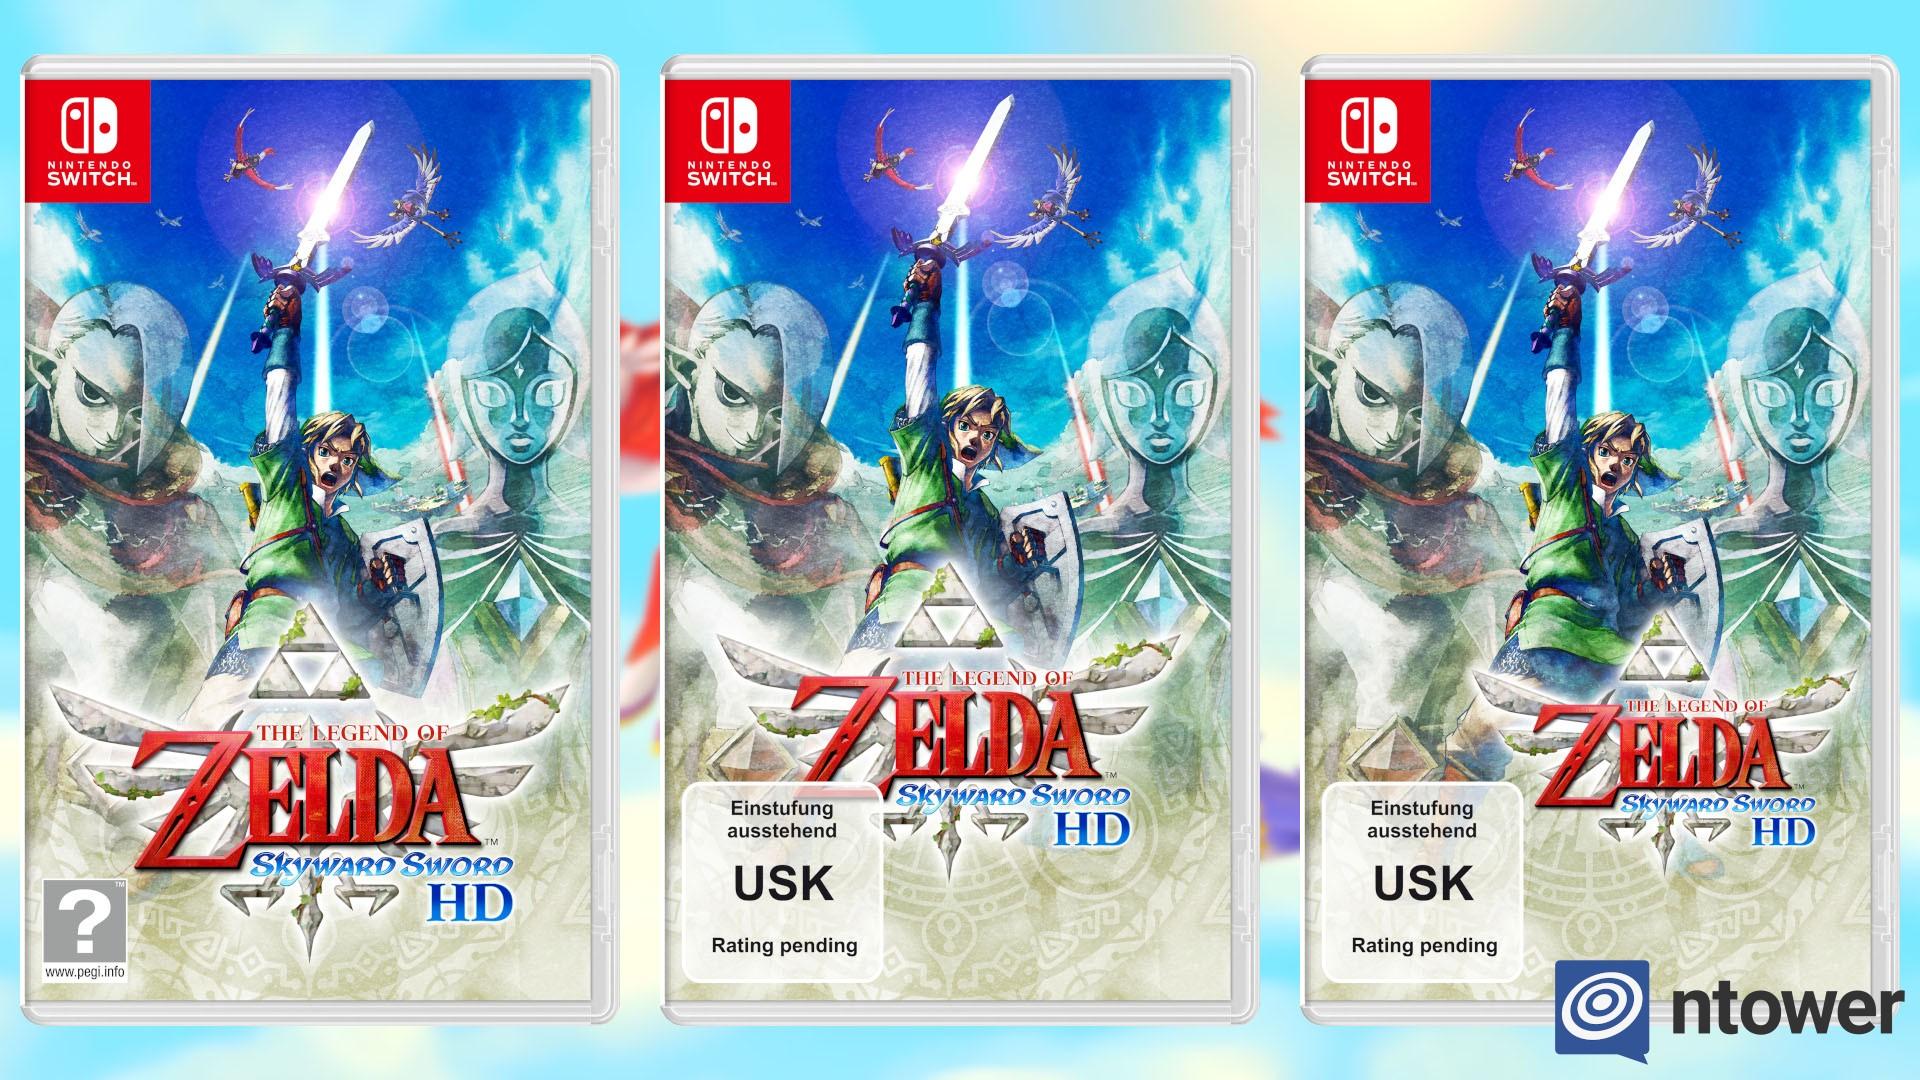 Da ist selbst Nintendo überfragt – USK-Kennzeichen erschwert Cover-Gestaltung von The Legend of Zelda: Skyward Sword HD